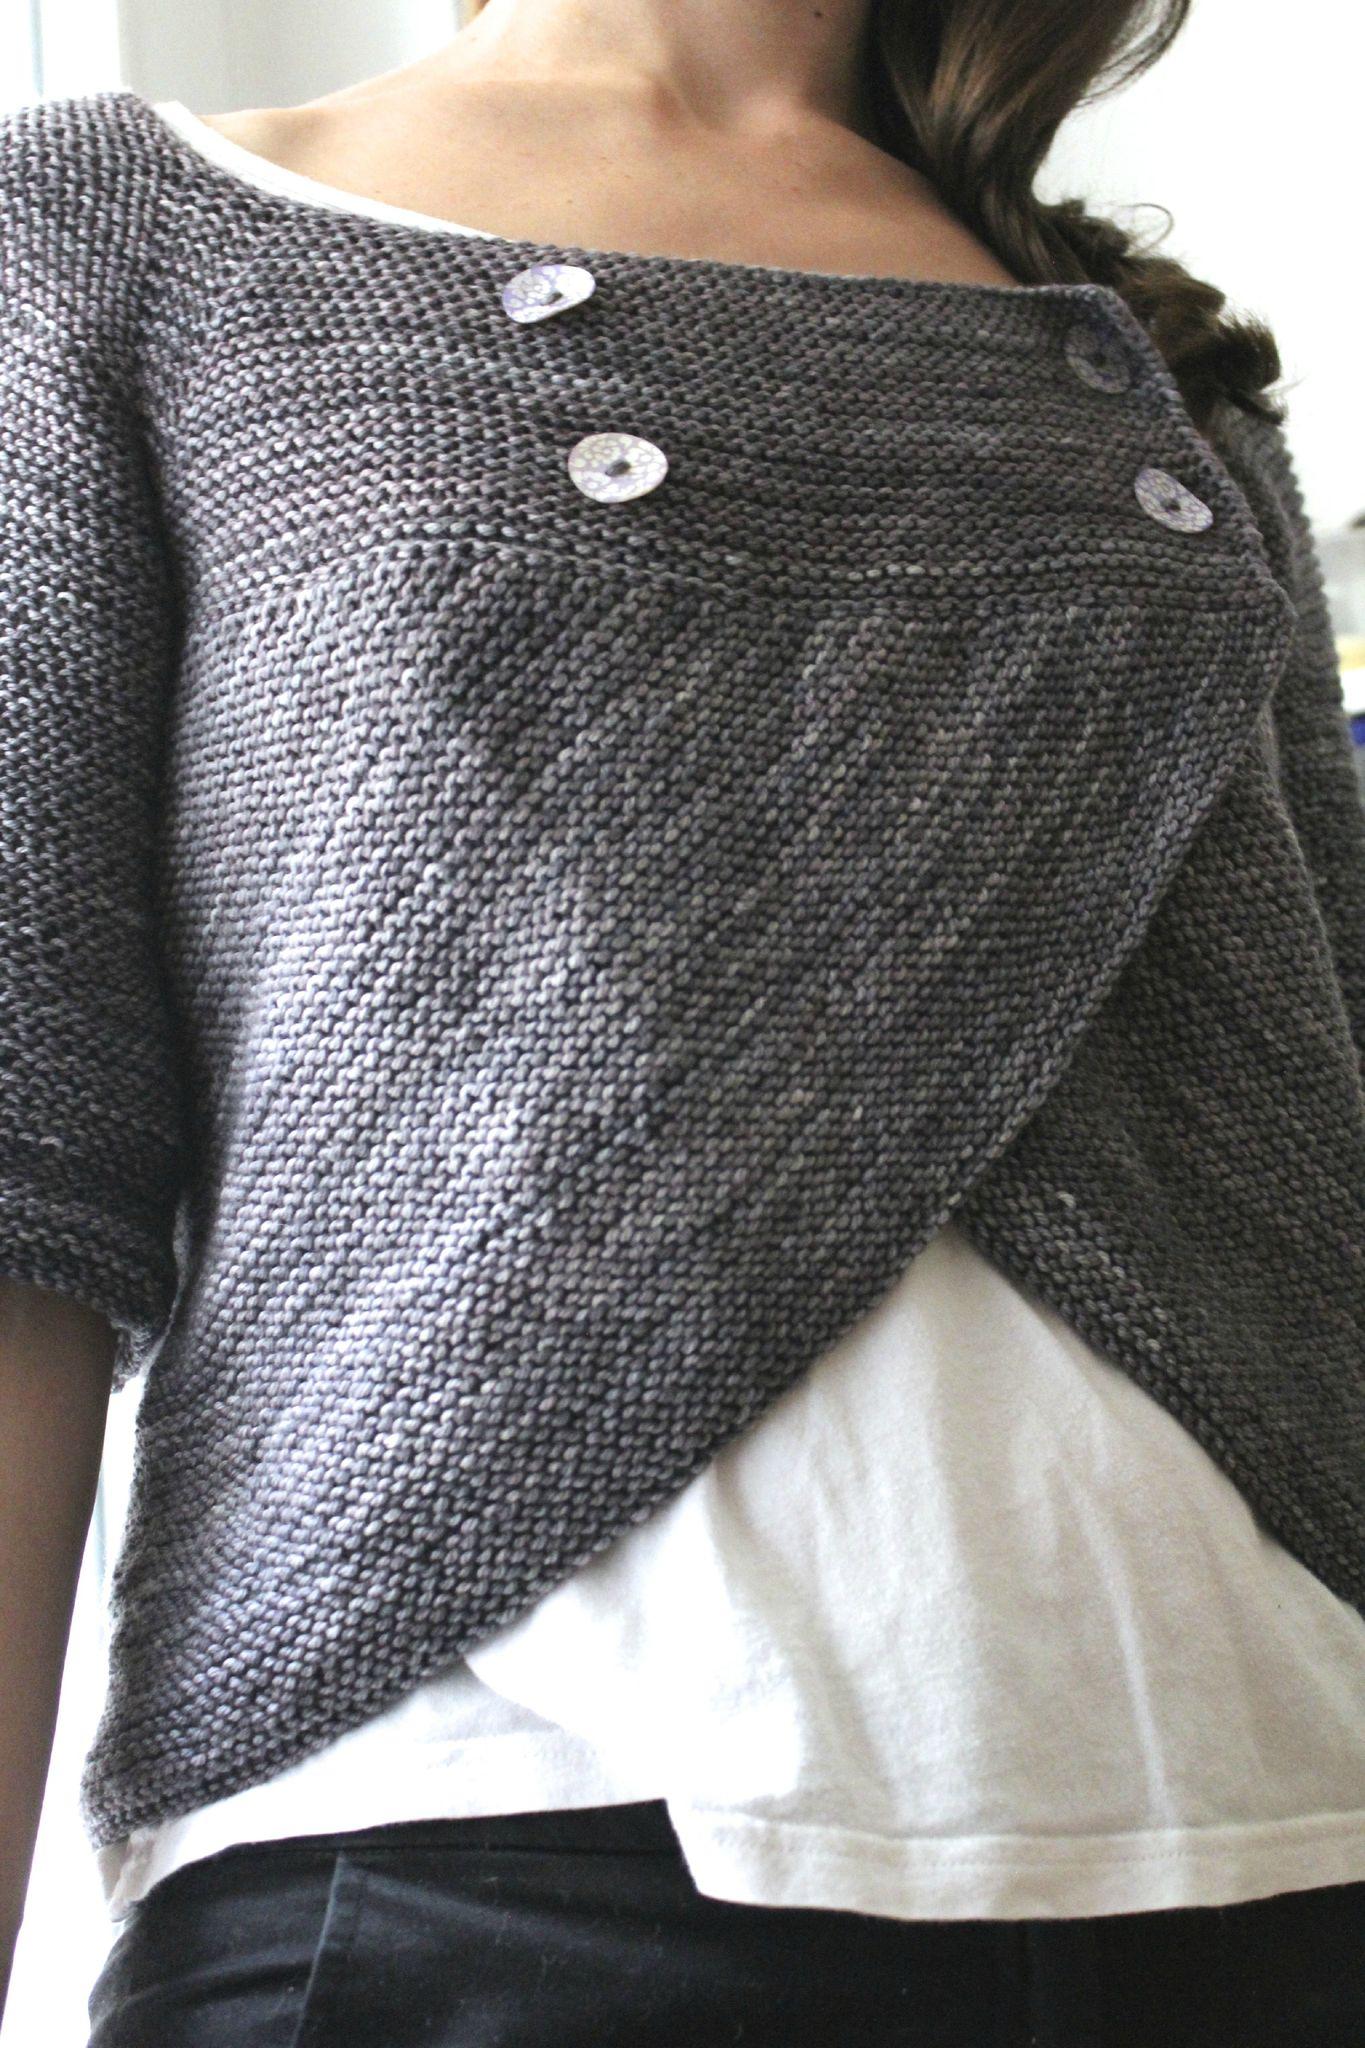 Mod le tricot - Faire une boutonniere au tricot ...